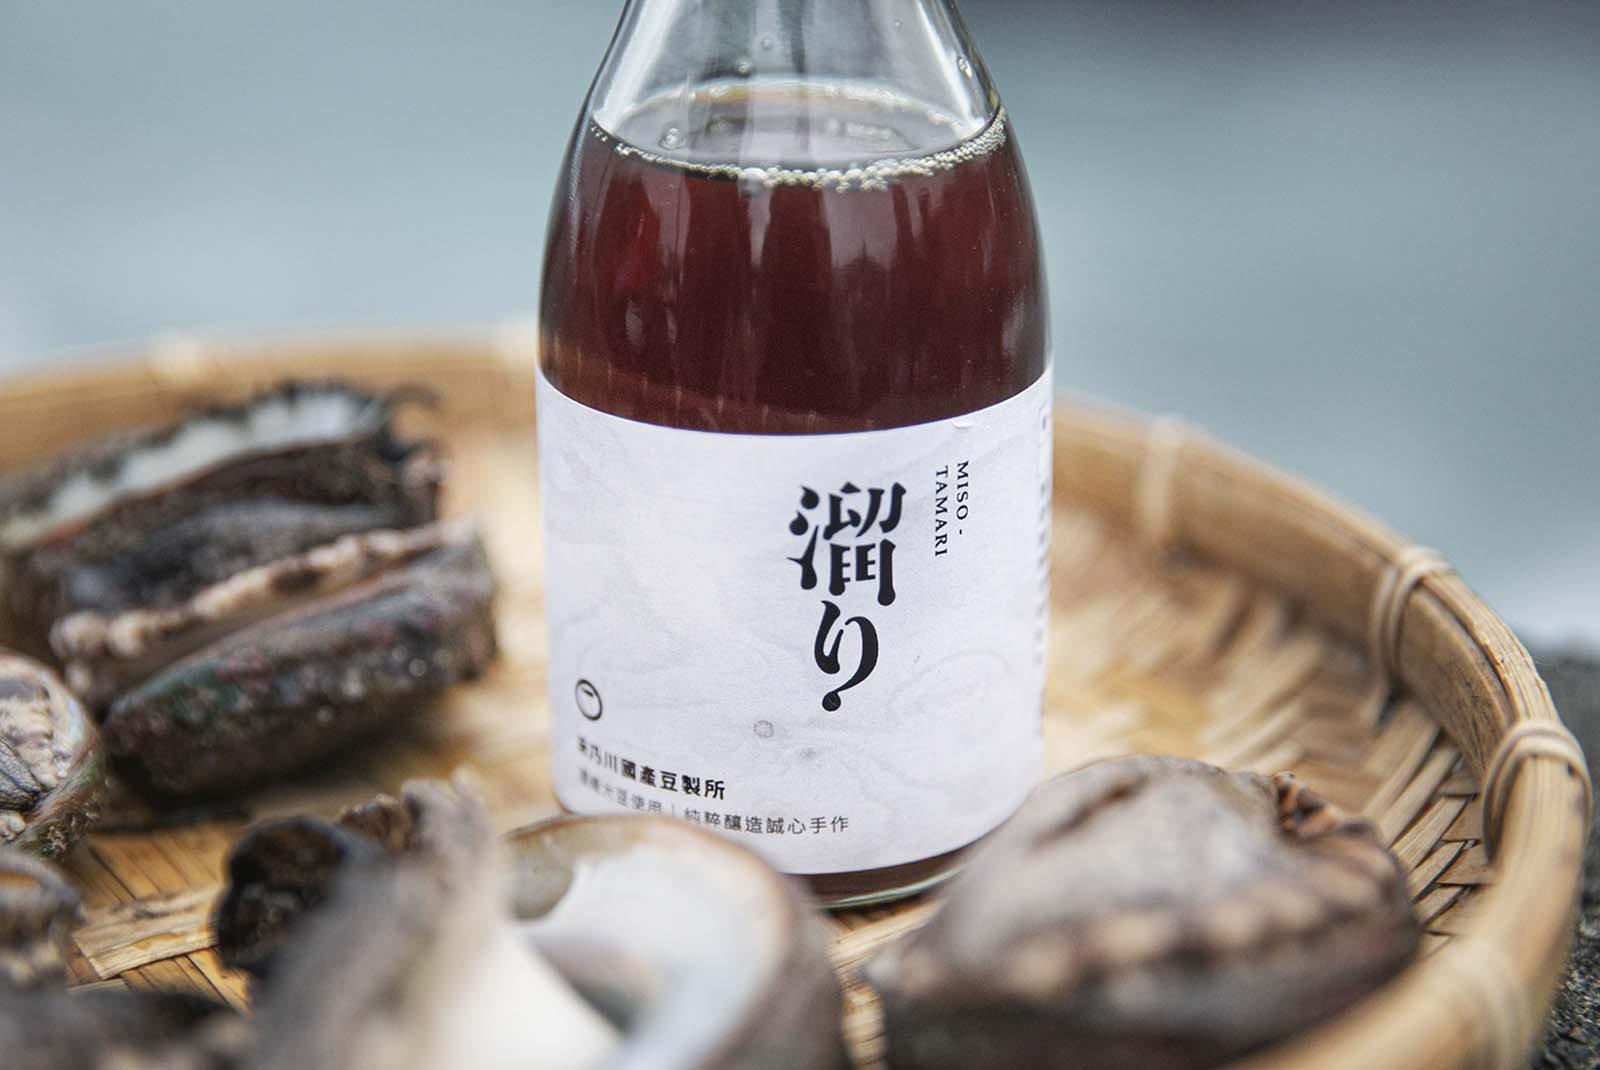 新鮮海鮮沾醬新風味,禾乃川味噌溜醬油低溫烹調最對味